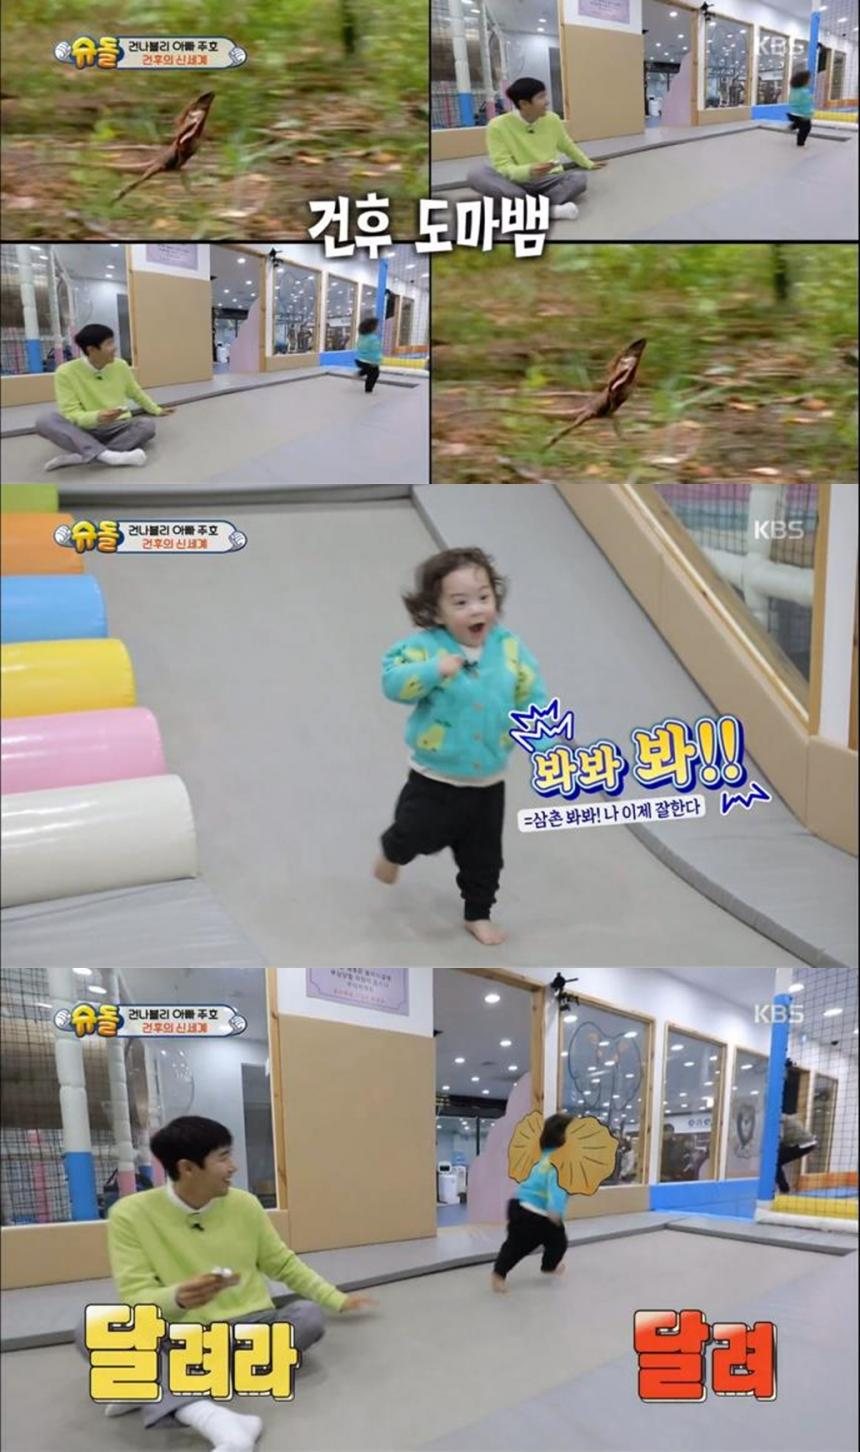 KBS 2TV '해피선데이-슈퍼맨이 돌아왔다' 방송 캡처